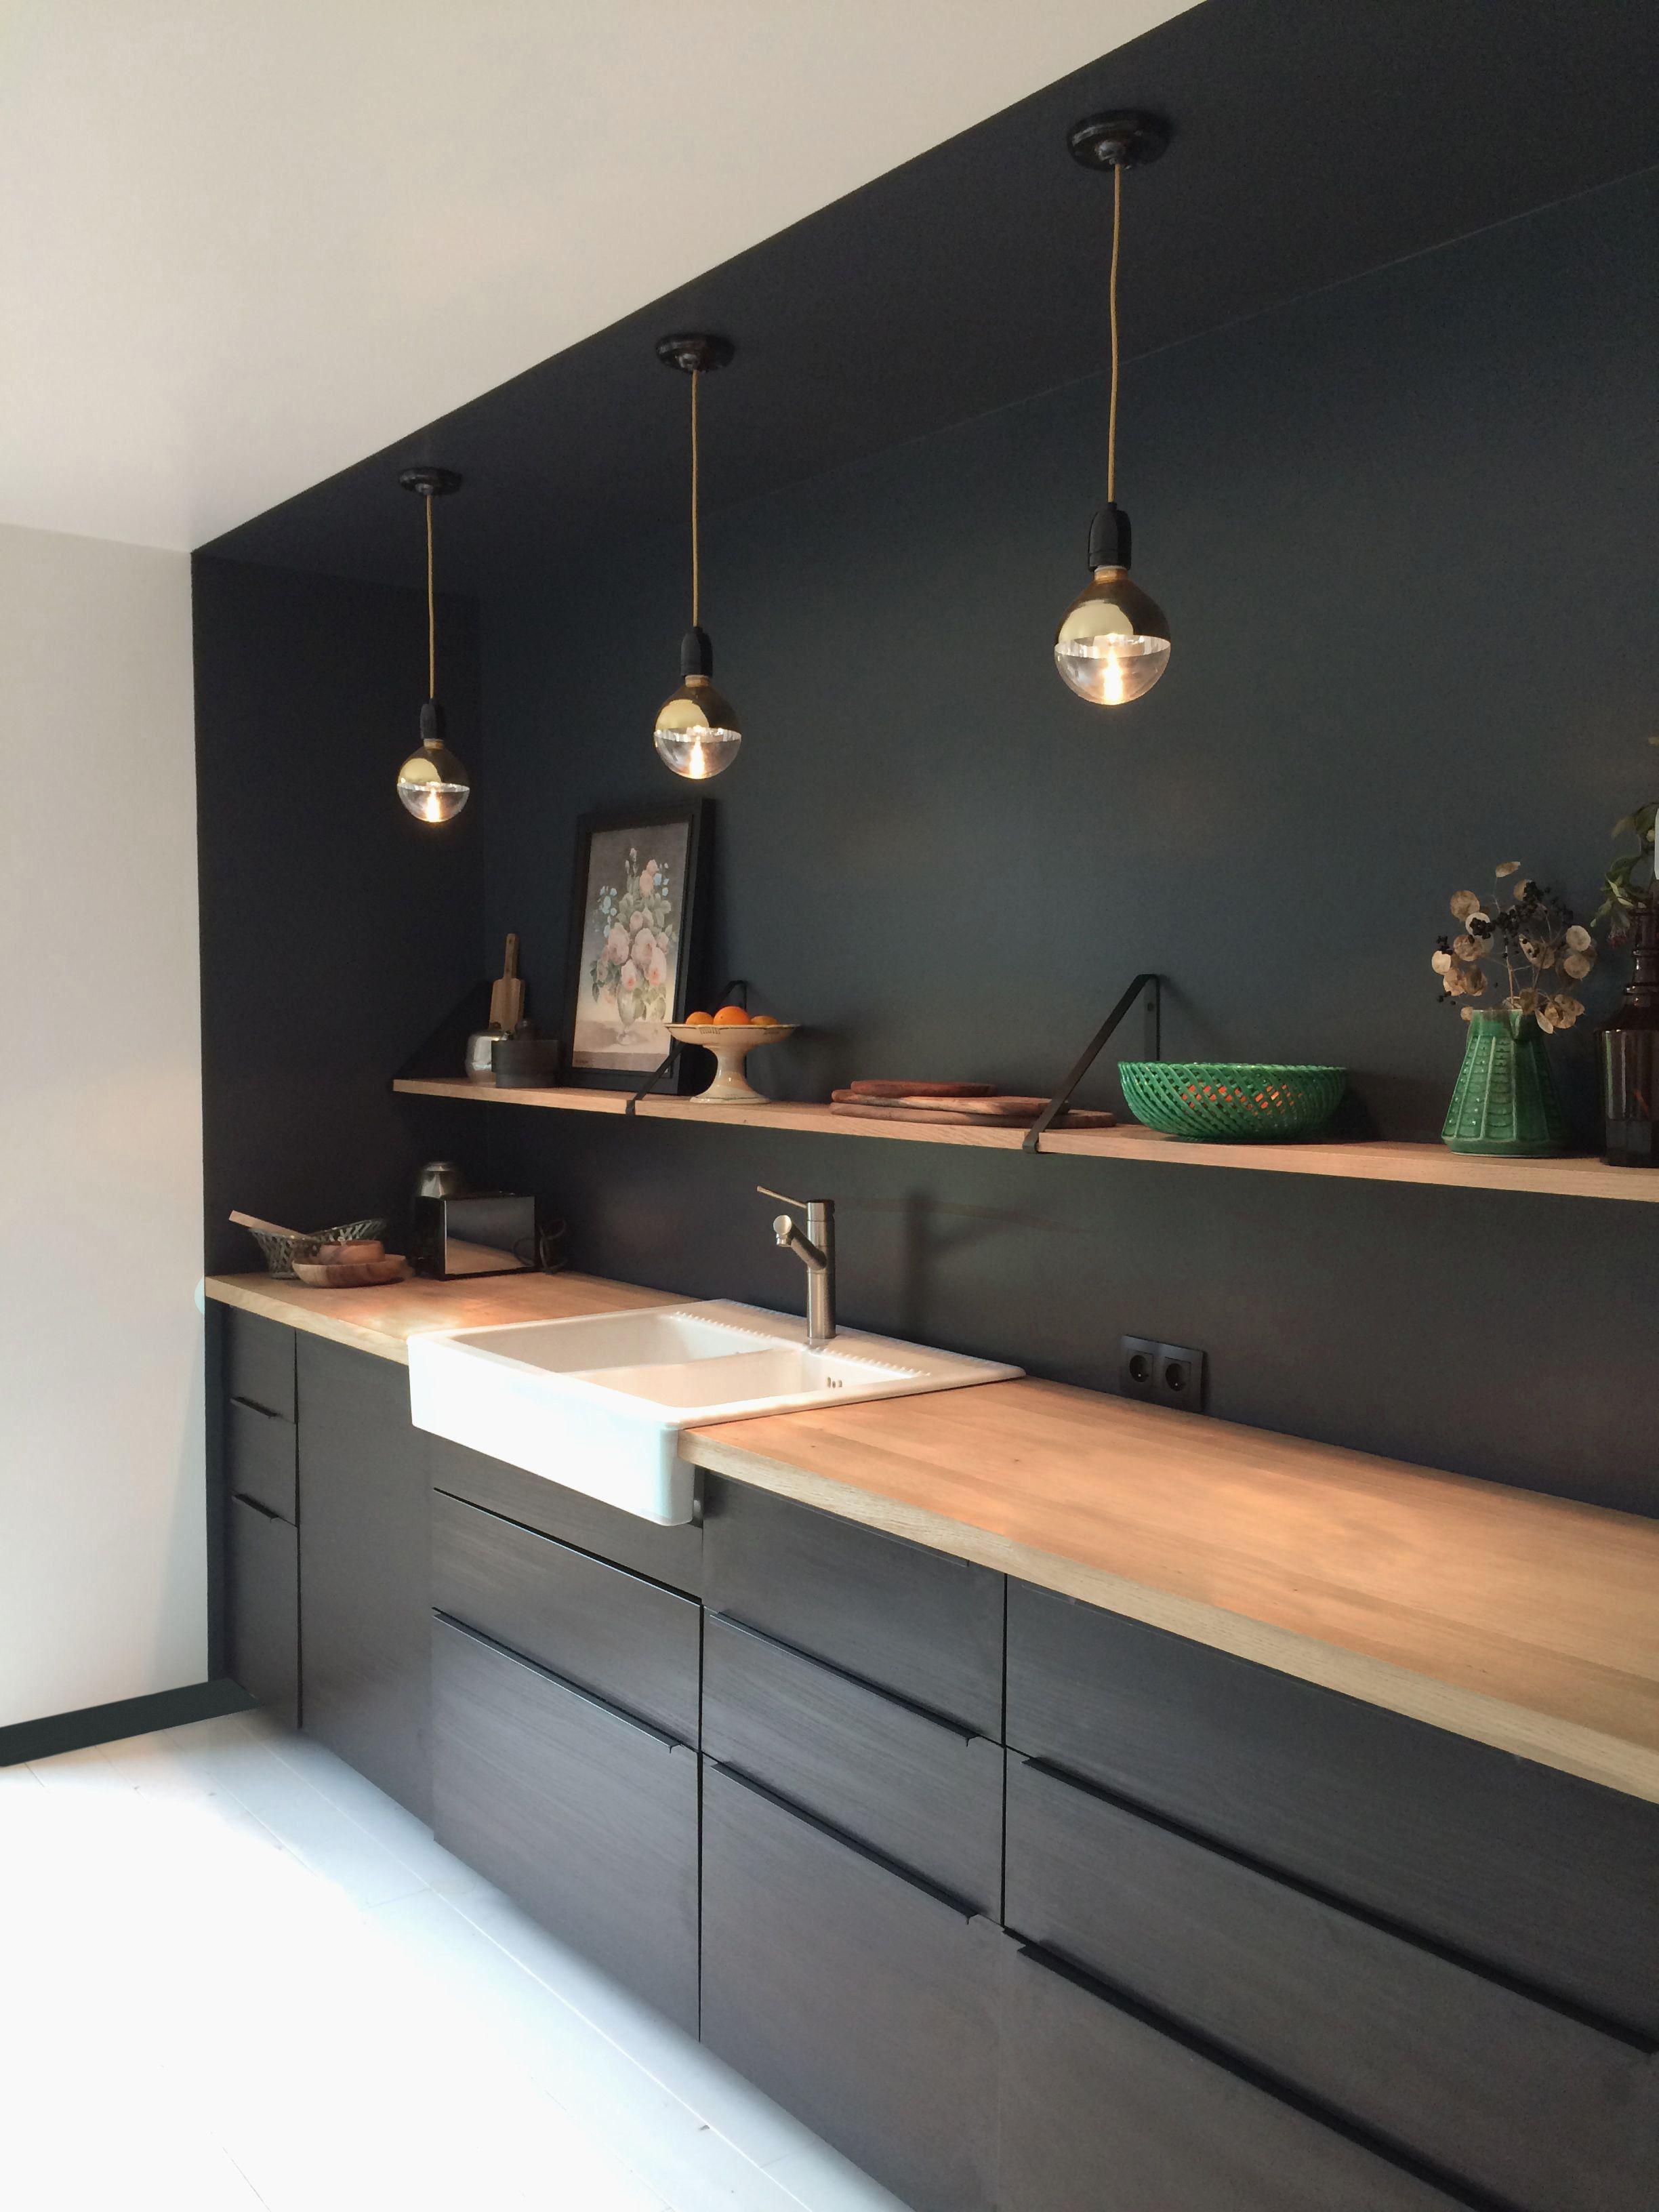 Image Result For Kungsbacka Ikea Kjokken Inspirasjon Kjokken Renovering Kyllingdesign